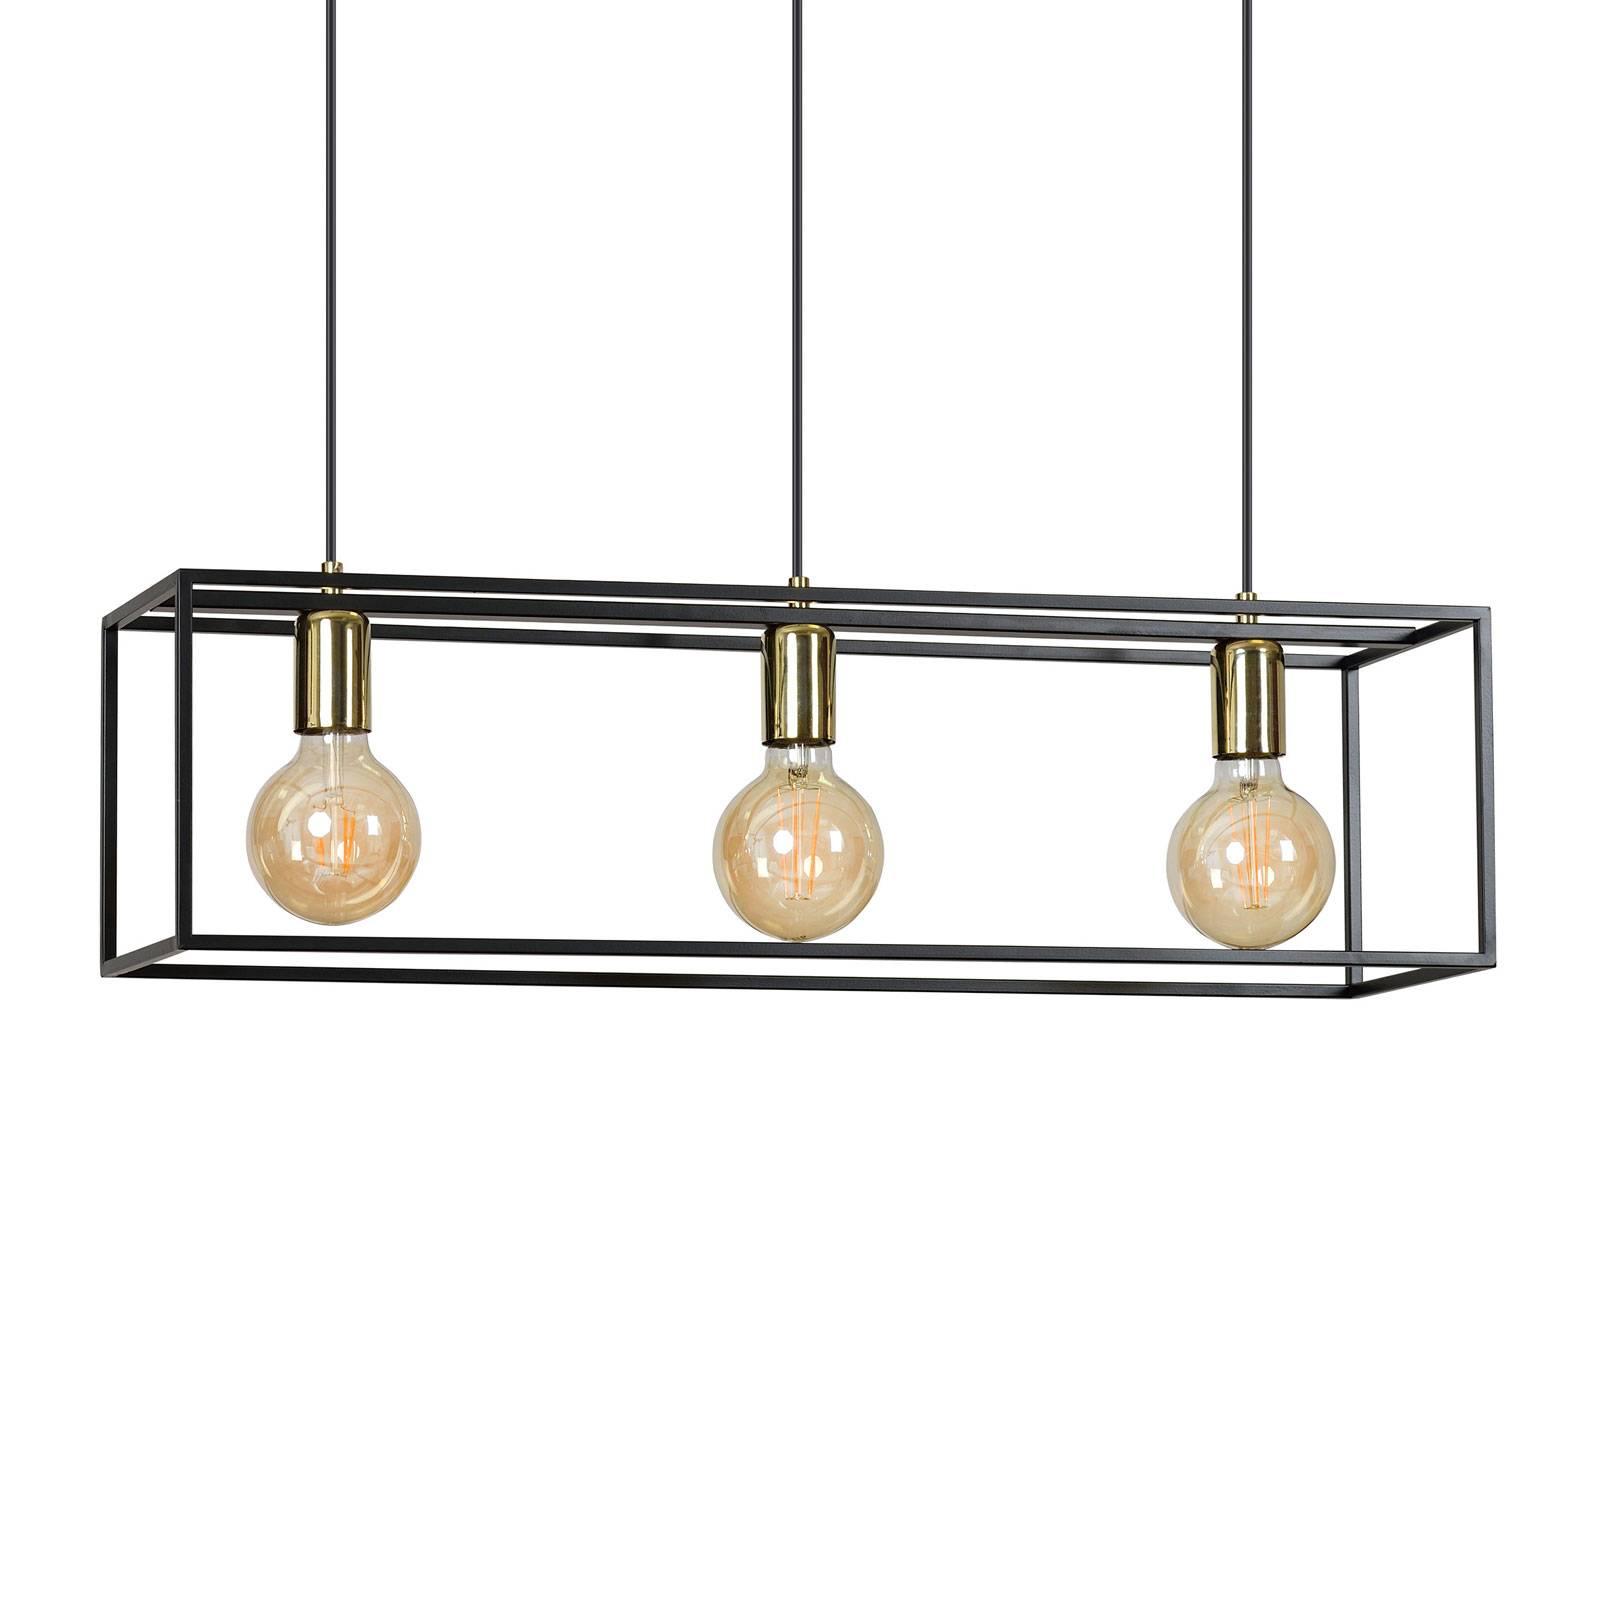 Suspension Karmen 3, à 3 lampes, noire